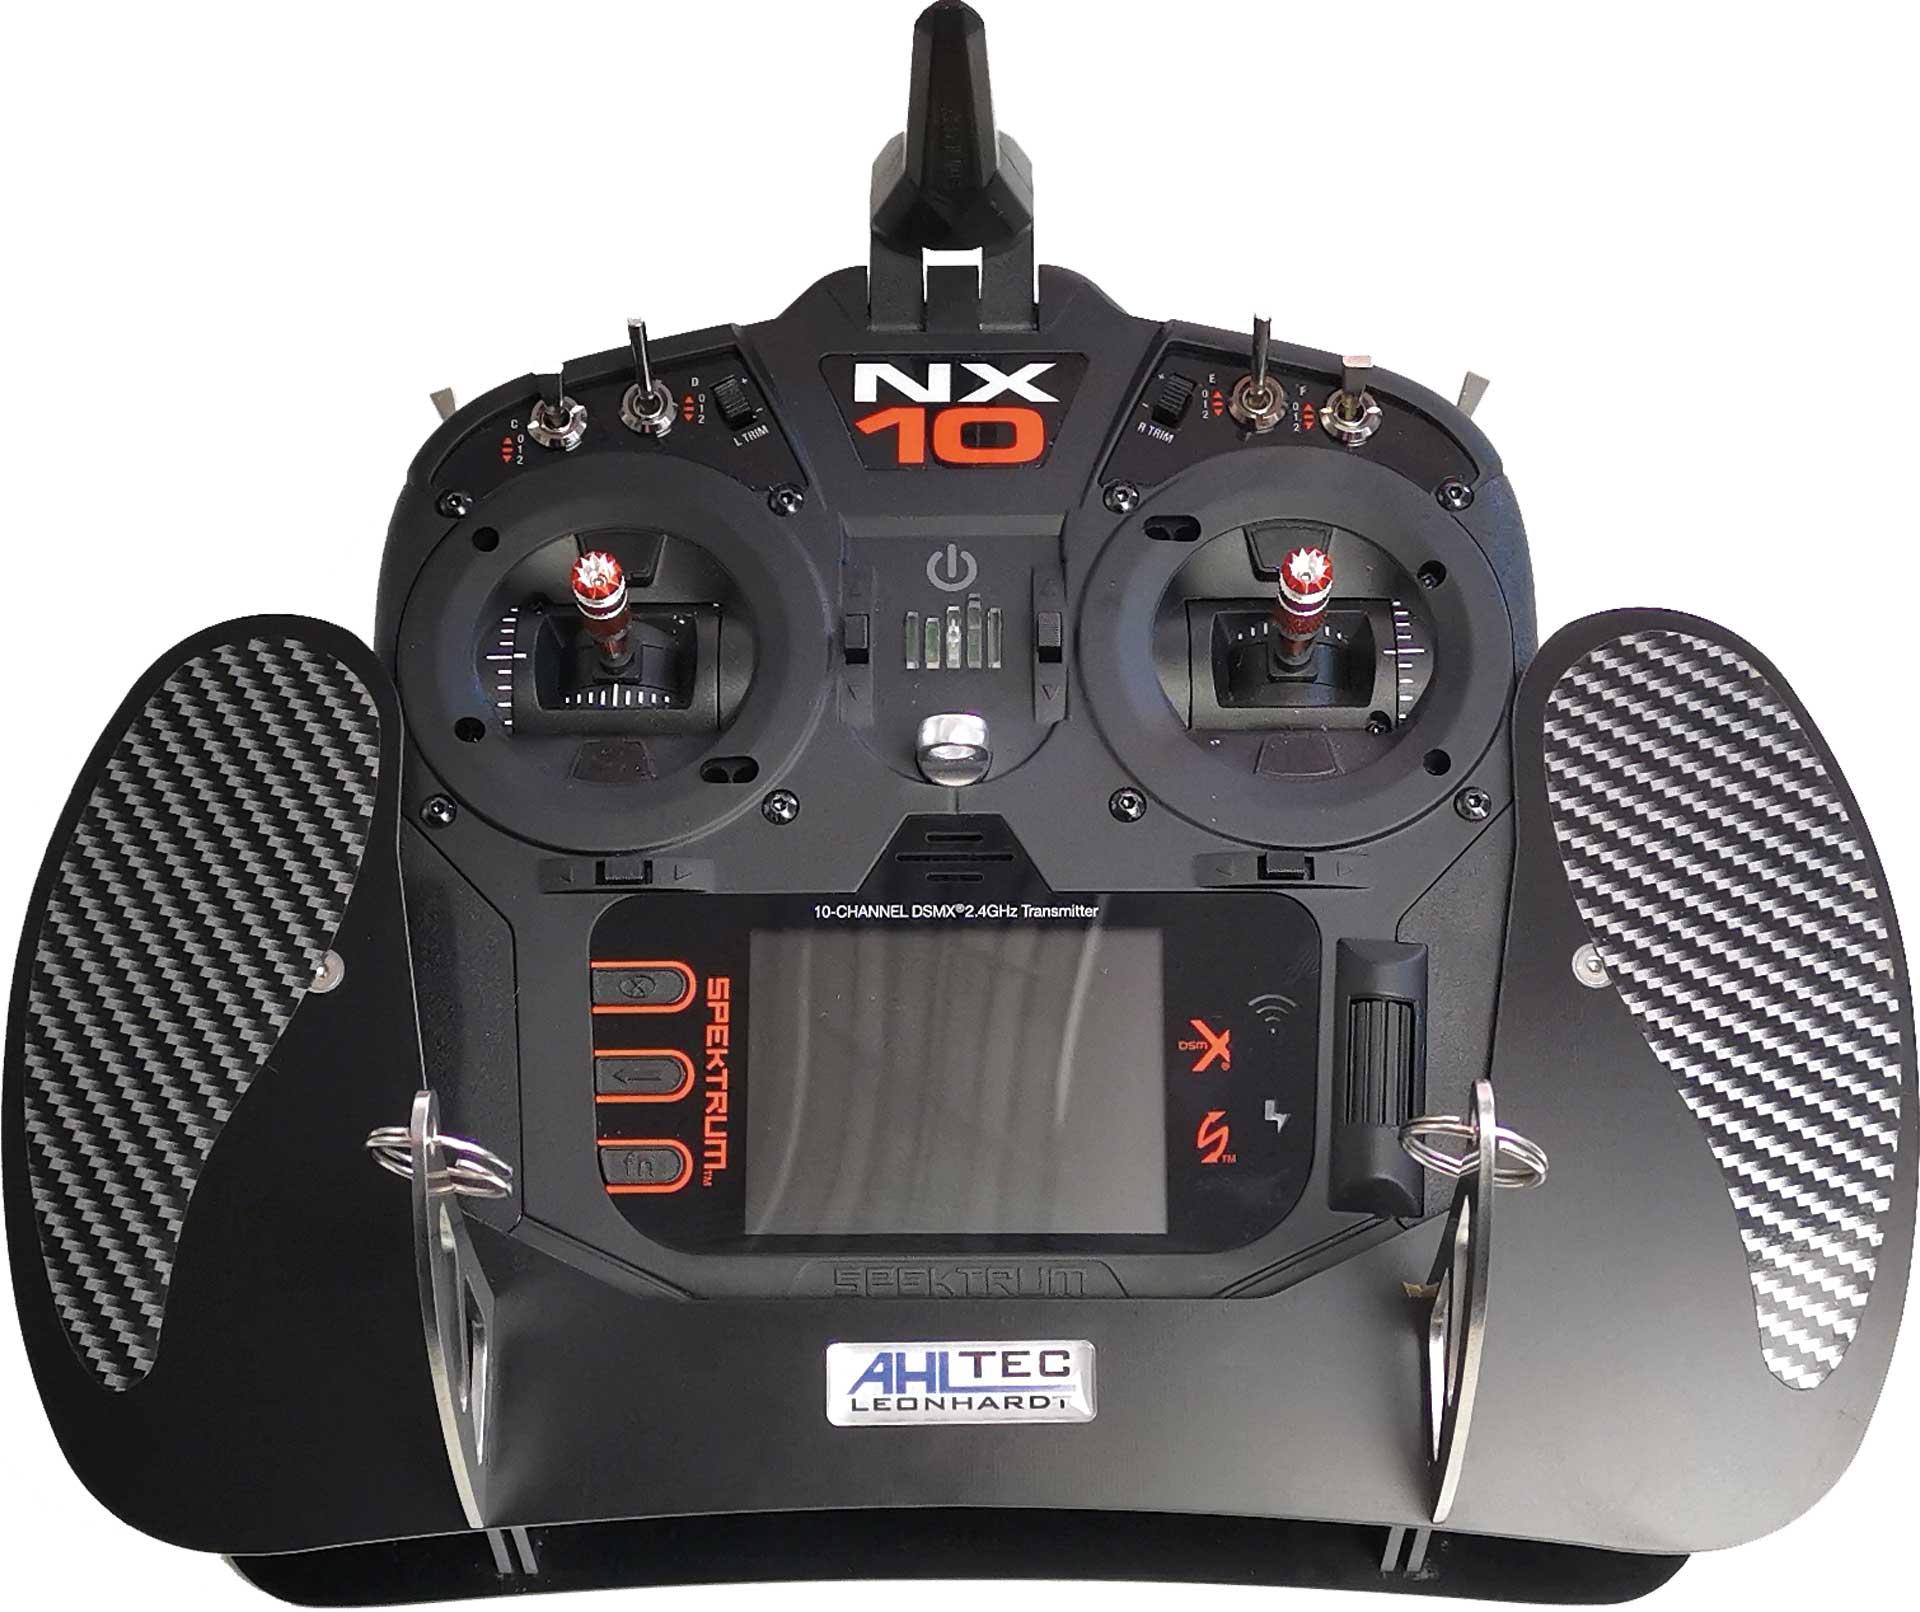 AHLTEC Senderpult Spektrum NX 6/8/10 ohne Handauflagen in schwarz